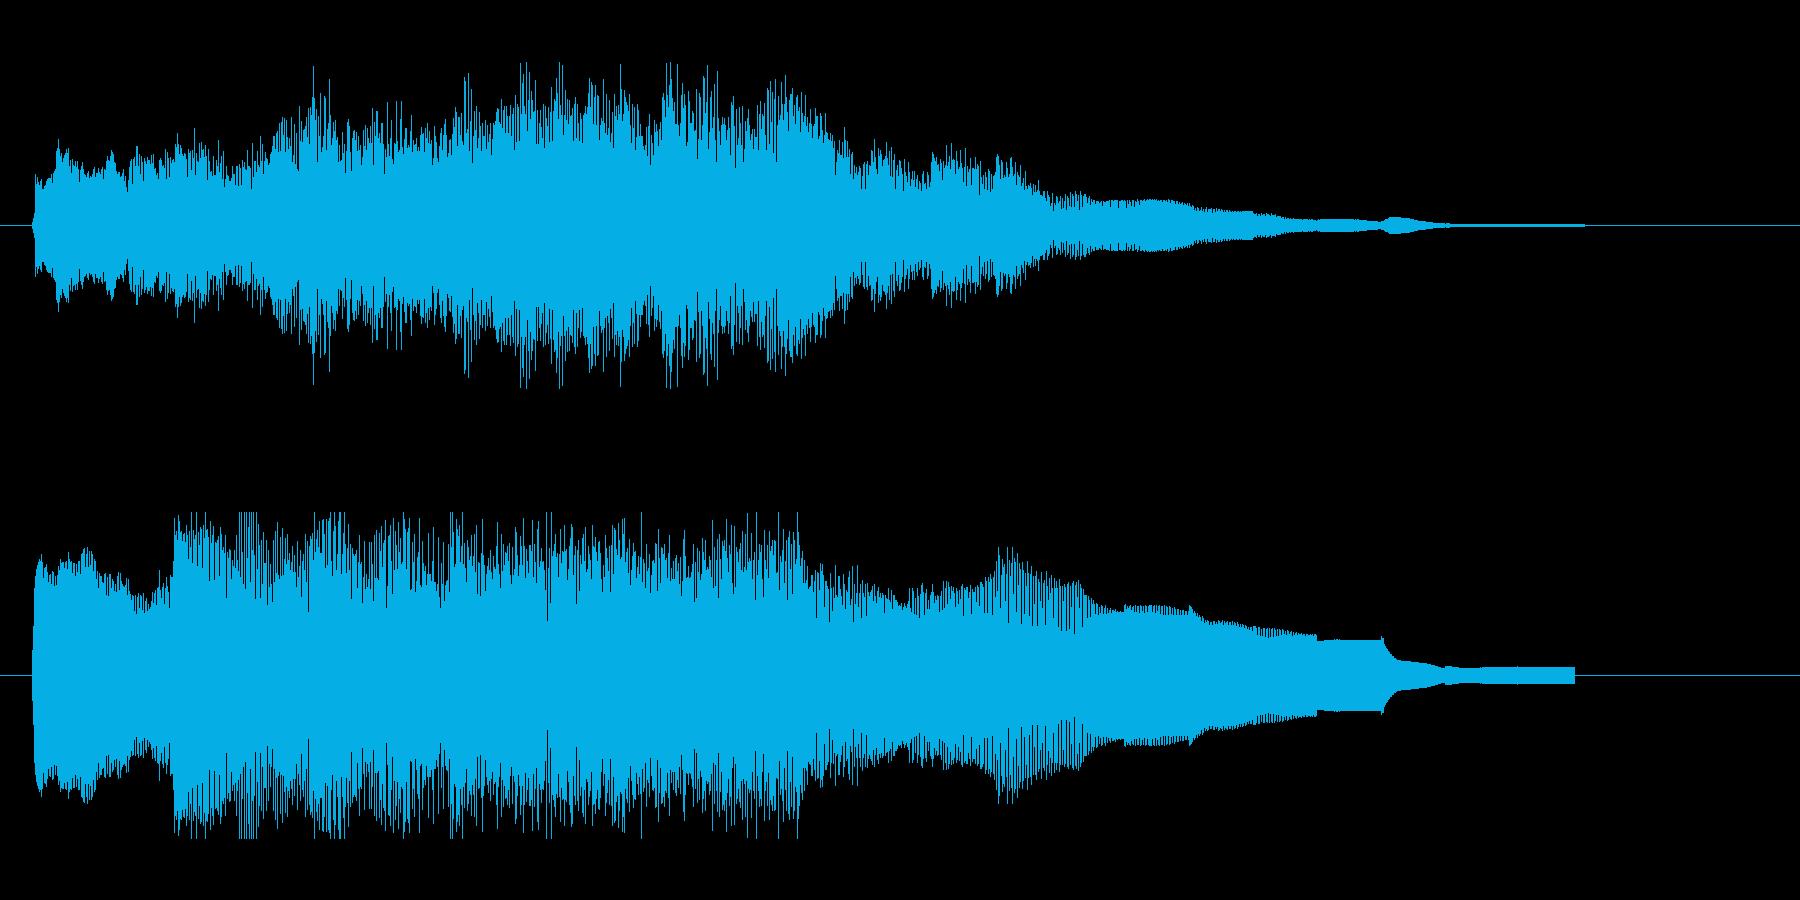 エキゾチック且つ近未来的な雰囲気の起動音の再生済みの波形